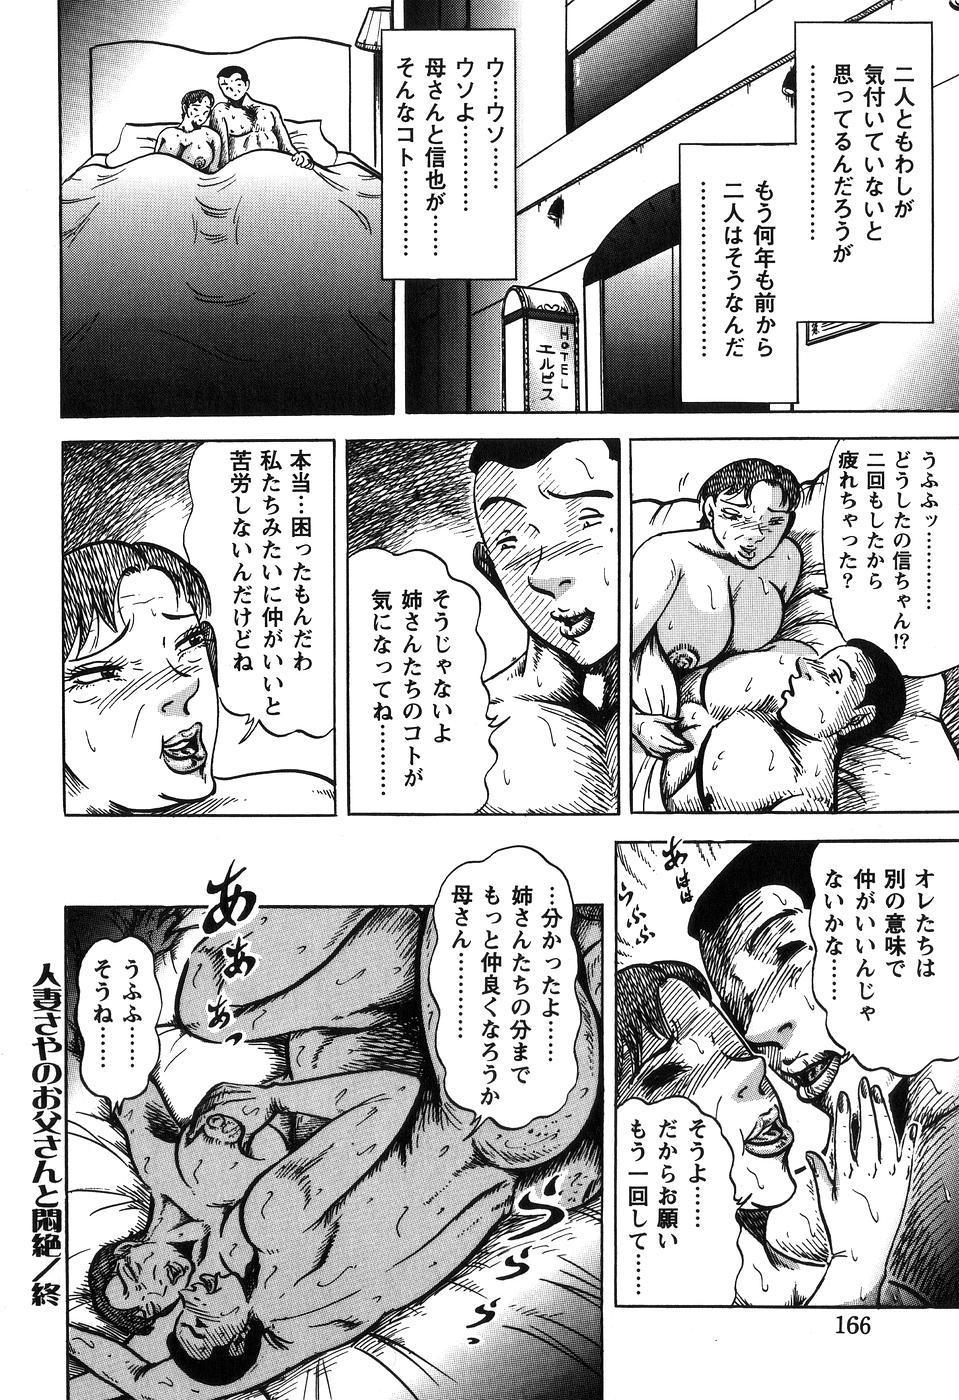 Jukubo Soukan Yosoji no Tawamure 165